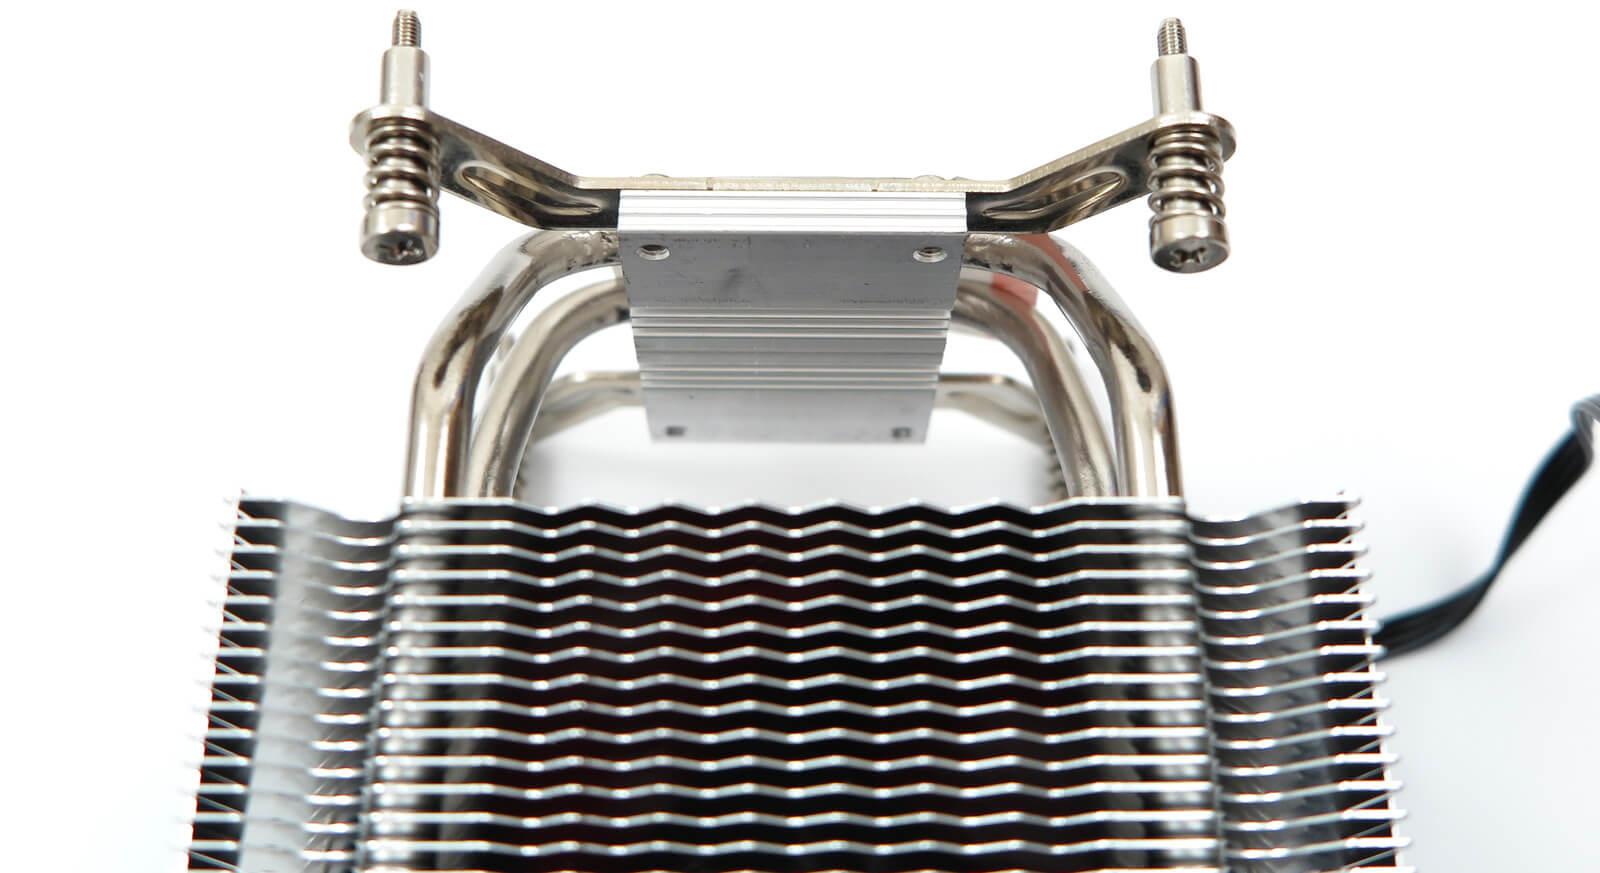 CPU cooler in original configuration